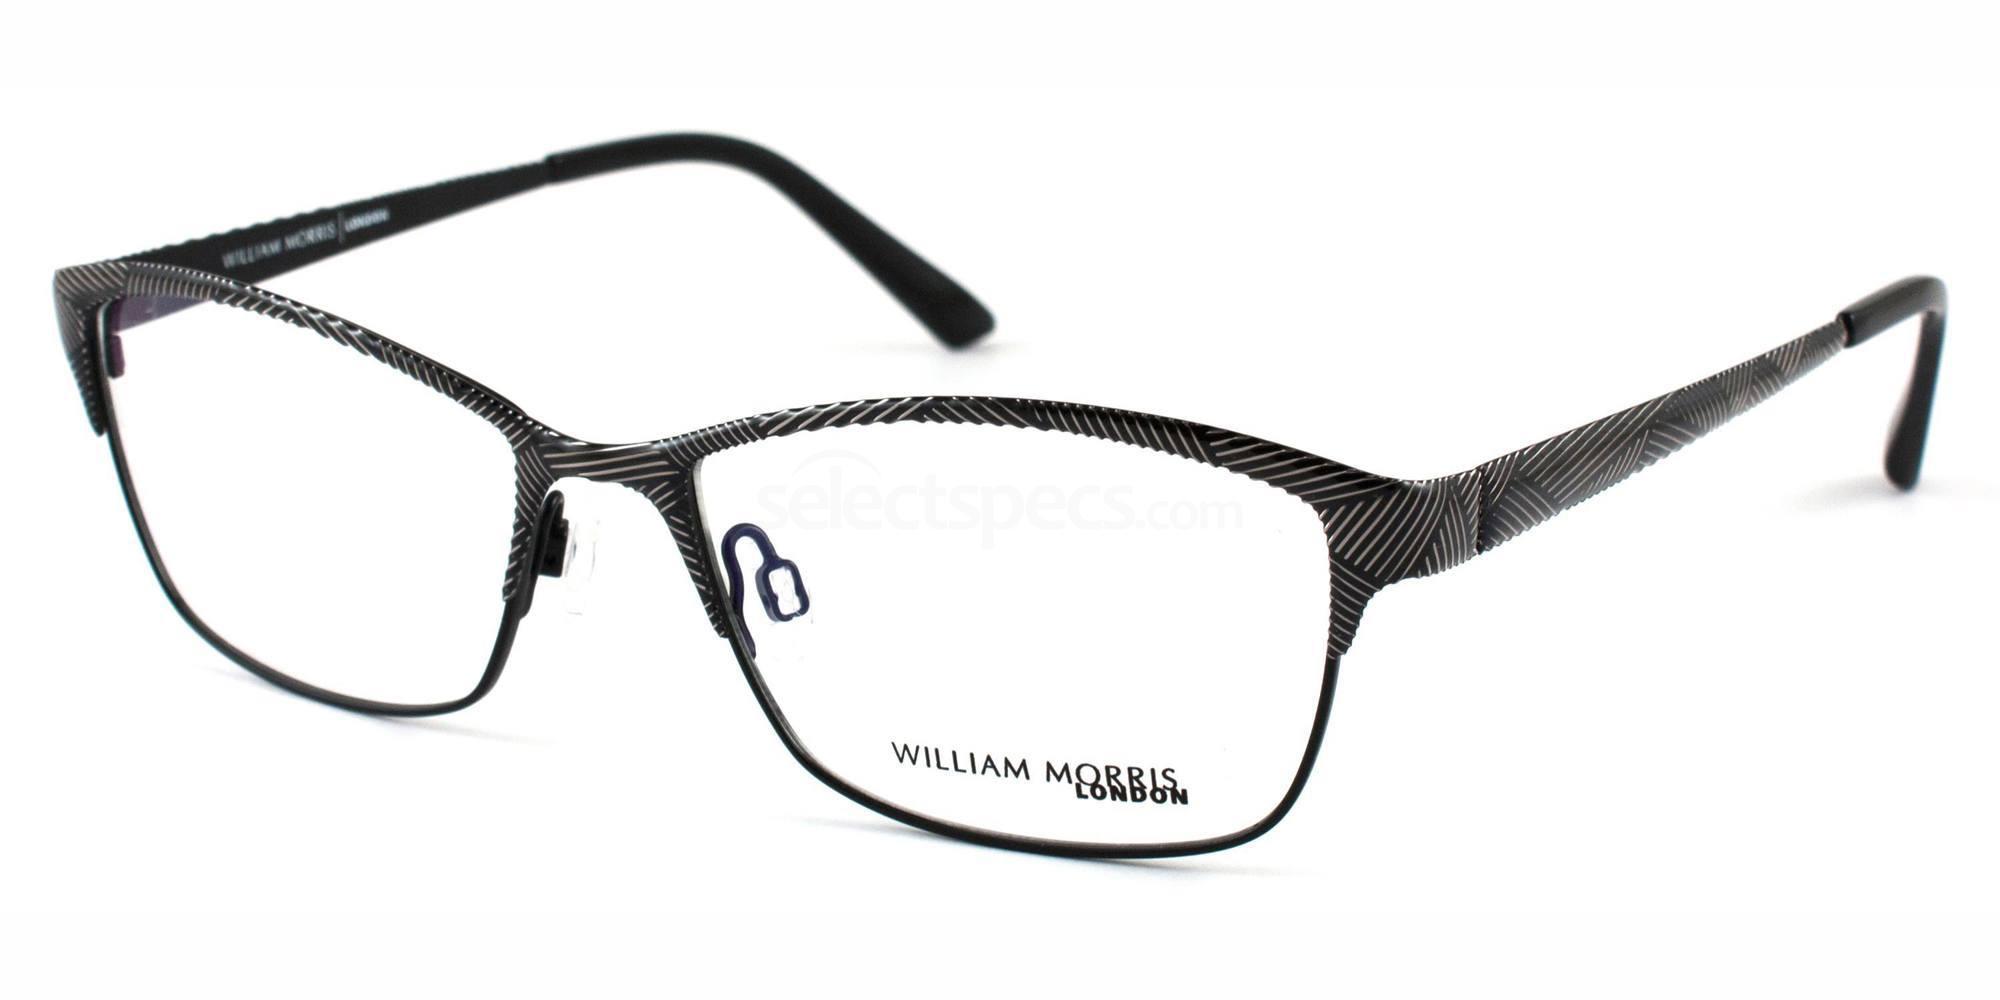 C1 WL4133 Glasses, William Morris London